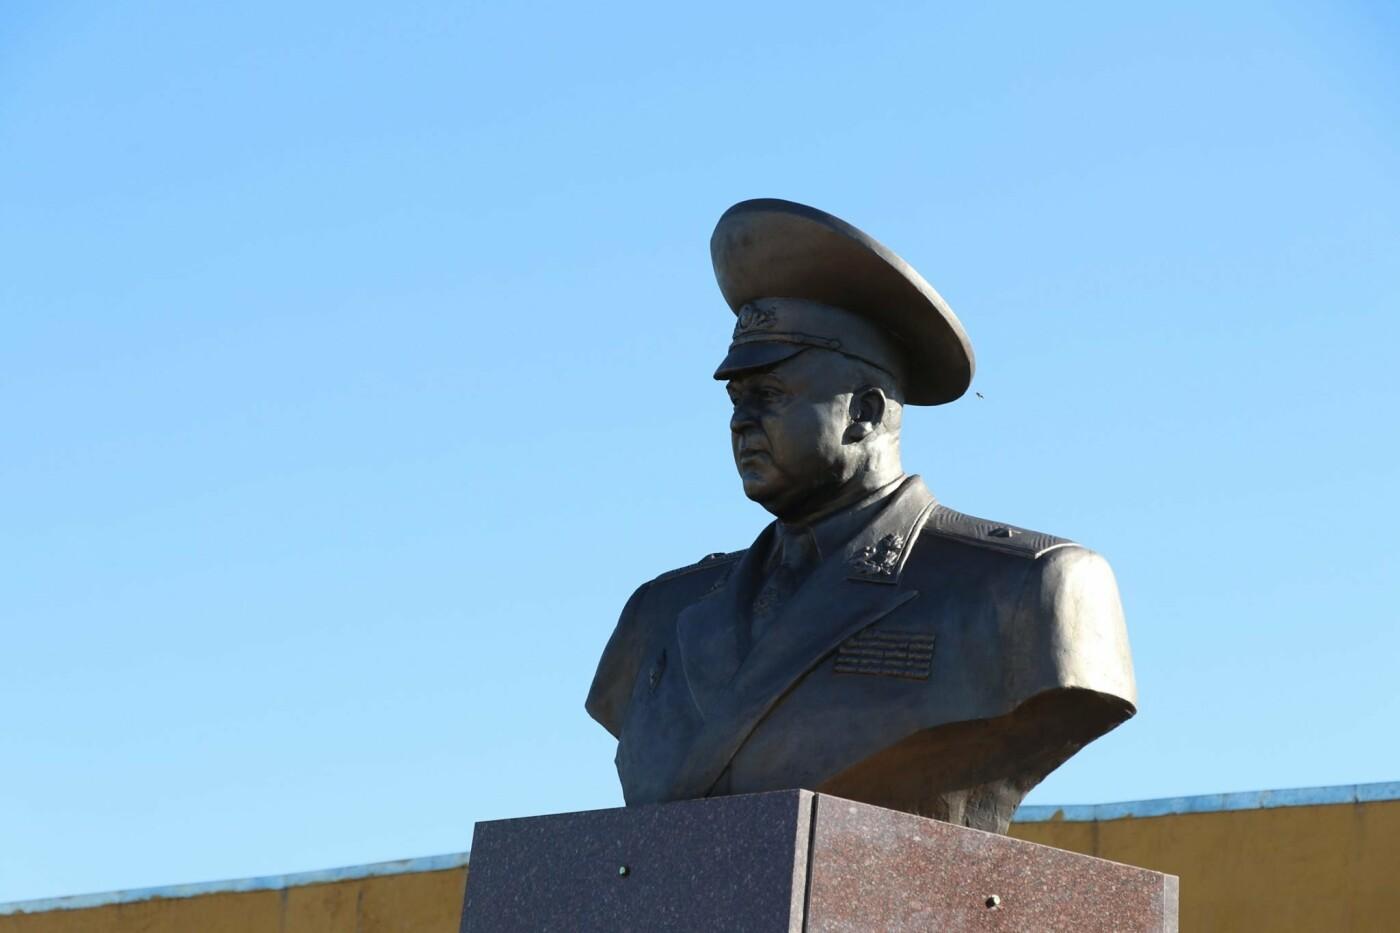 В Кривом Роге нацгвардейцы почтили память погибших побратимов, - ФОТО, фото-13